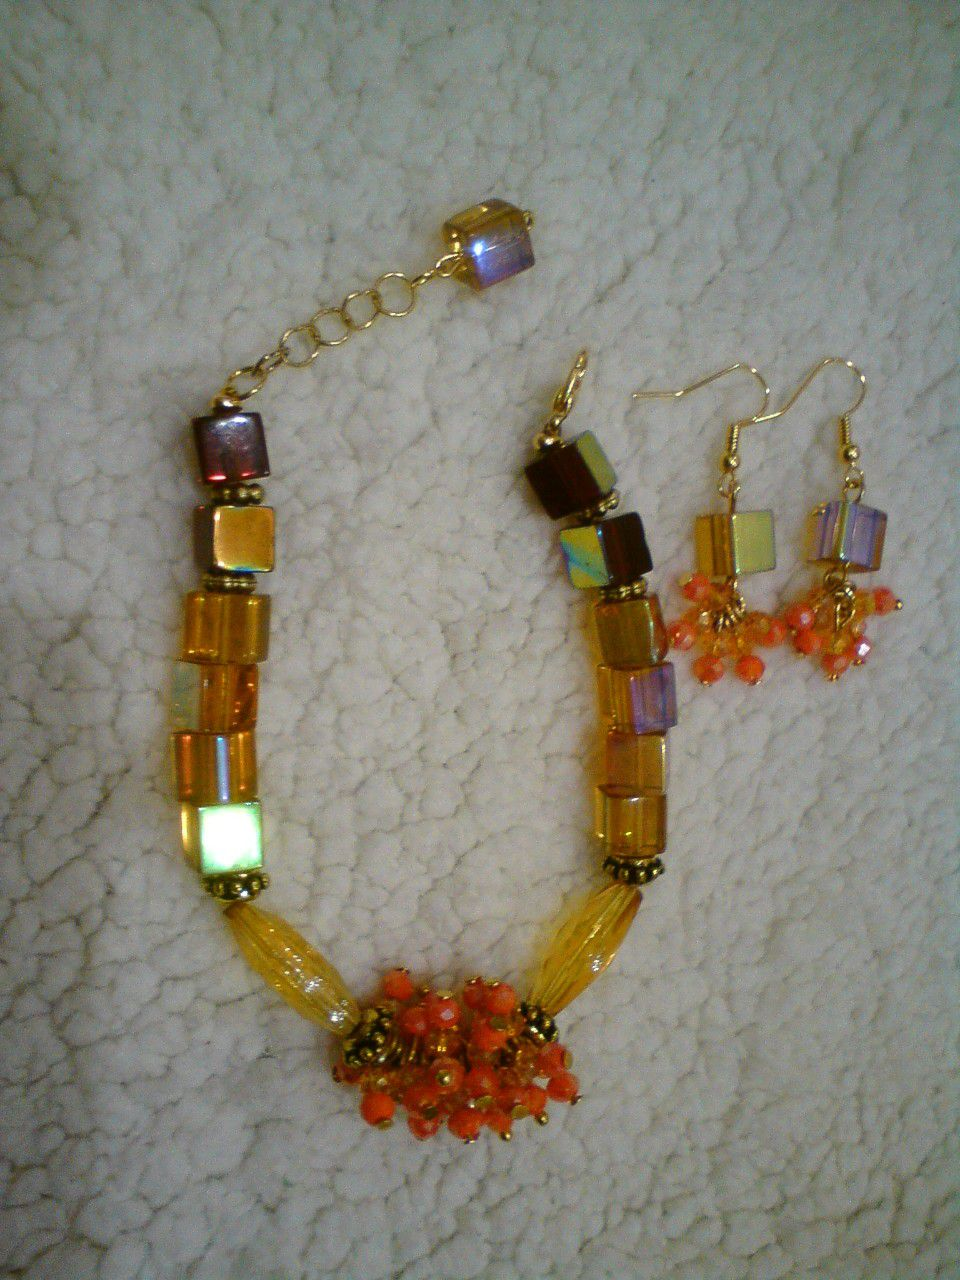 комплекта использованны браслета. комплекте овальной цвет янтарный. выполненны украшают круглой стеклянные бусины квадратной маленькие середину которые стеклянных чешские и бусин основной формы. серьги браслет в из